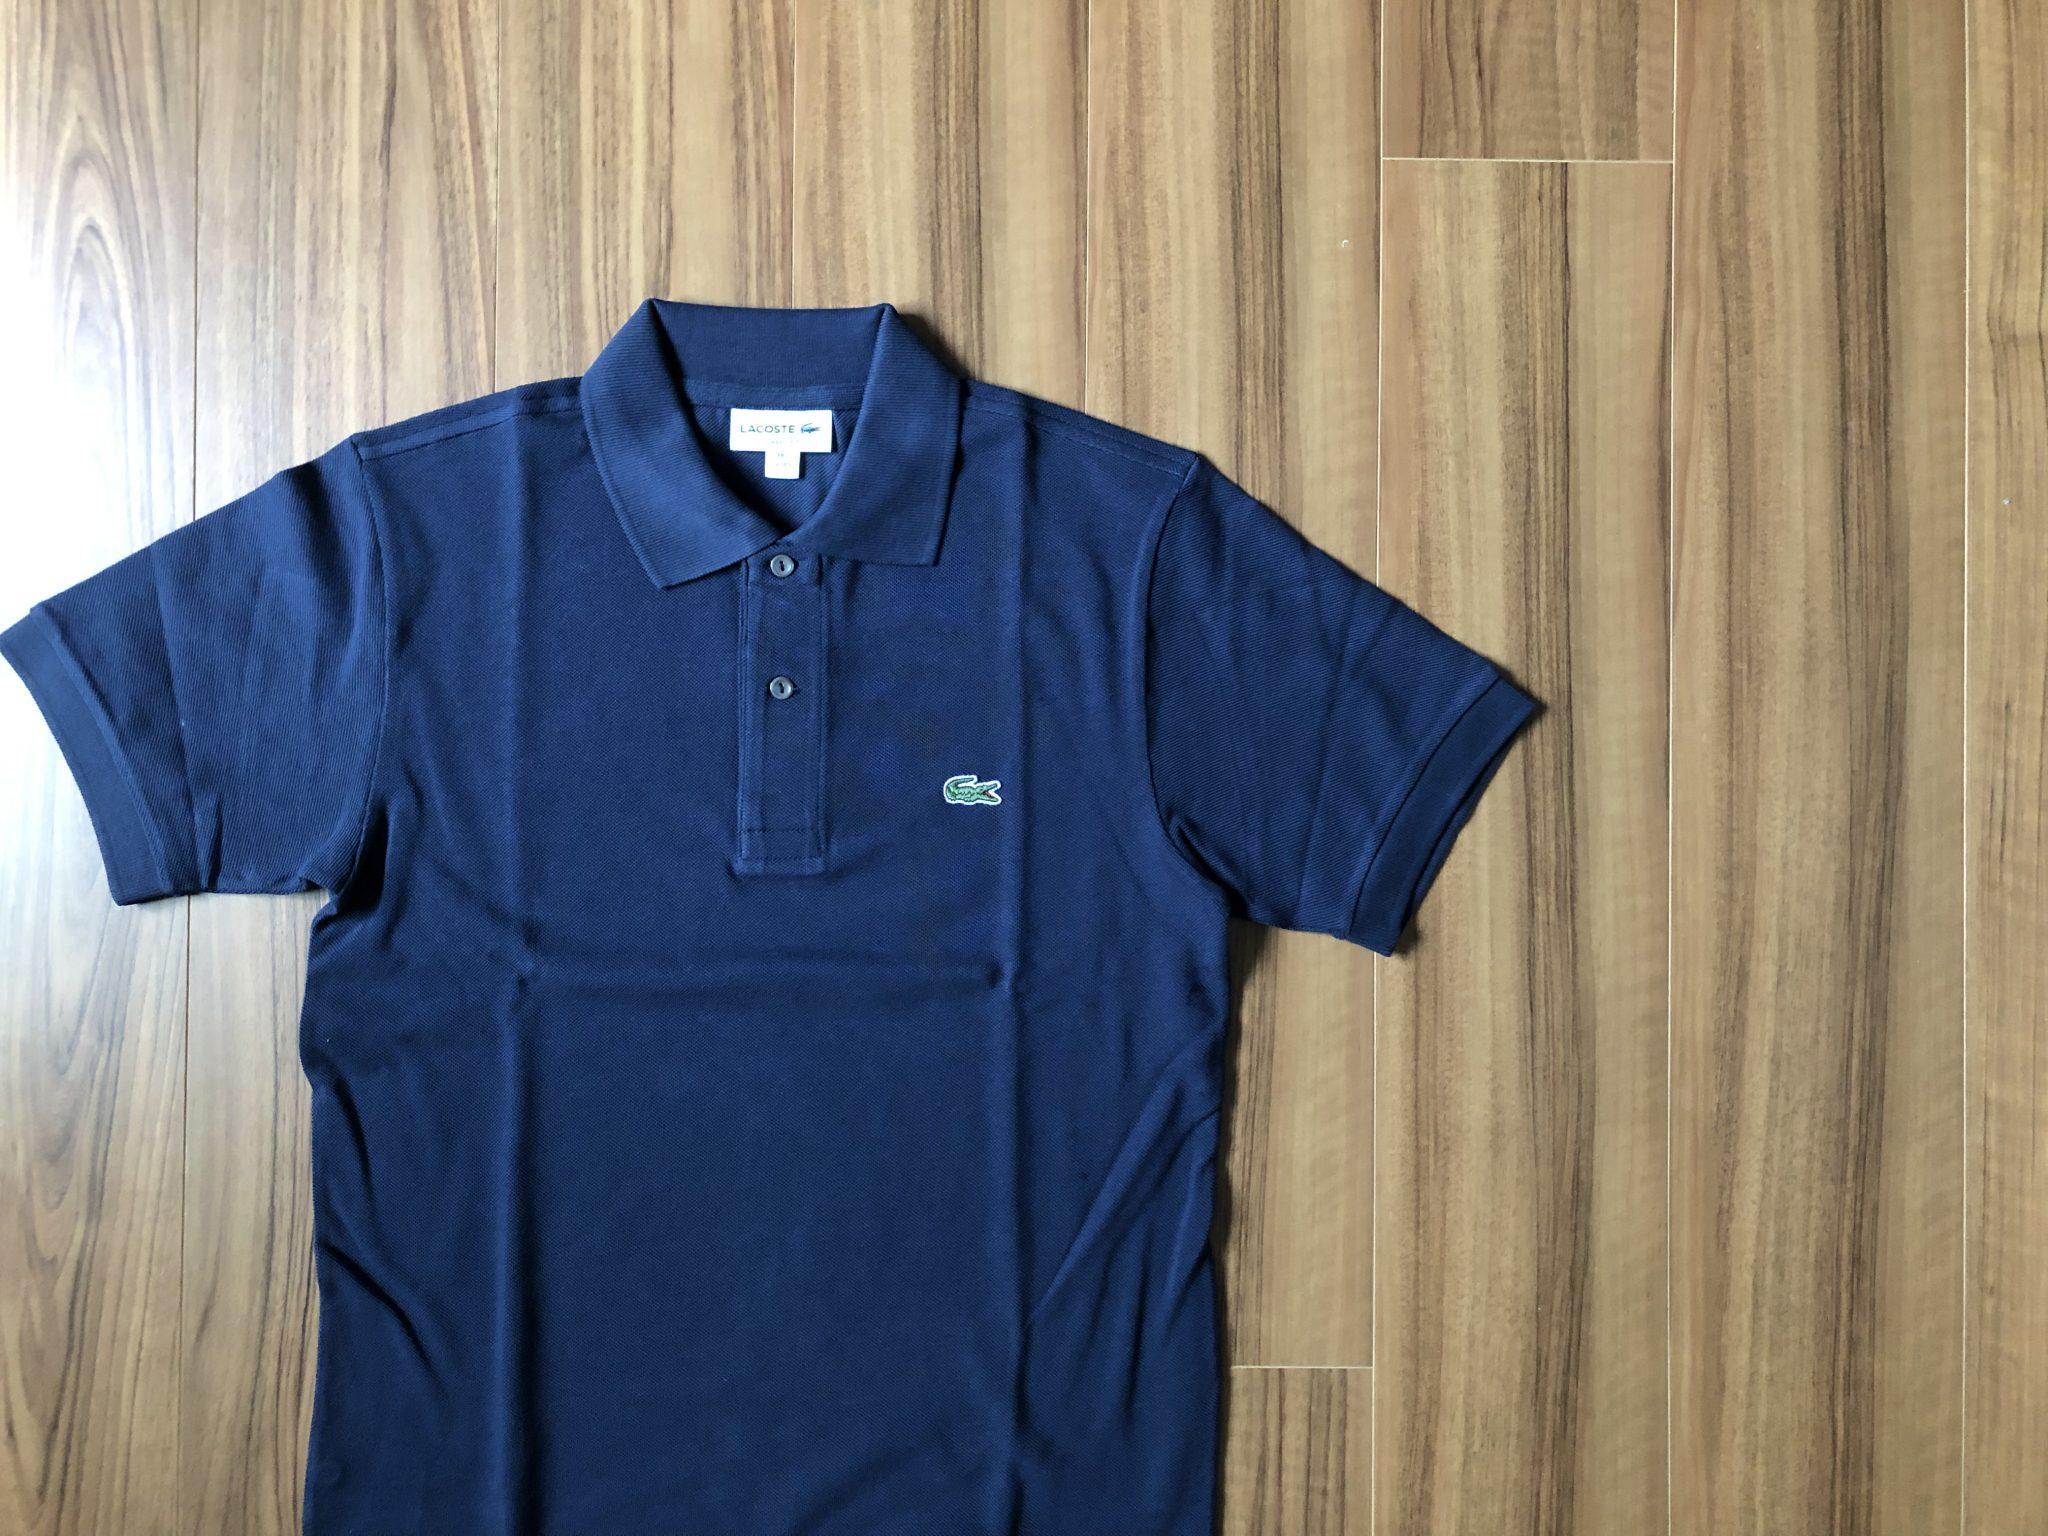 ラコステ フララコ(LACOSTE L1212)ポロシャツ|3枚目のフララコはネイビー。今回も乾燥機でサイズダウンさせます。